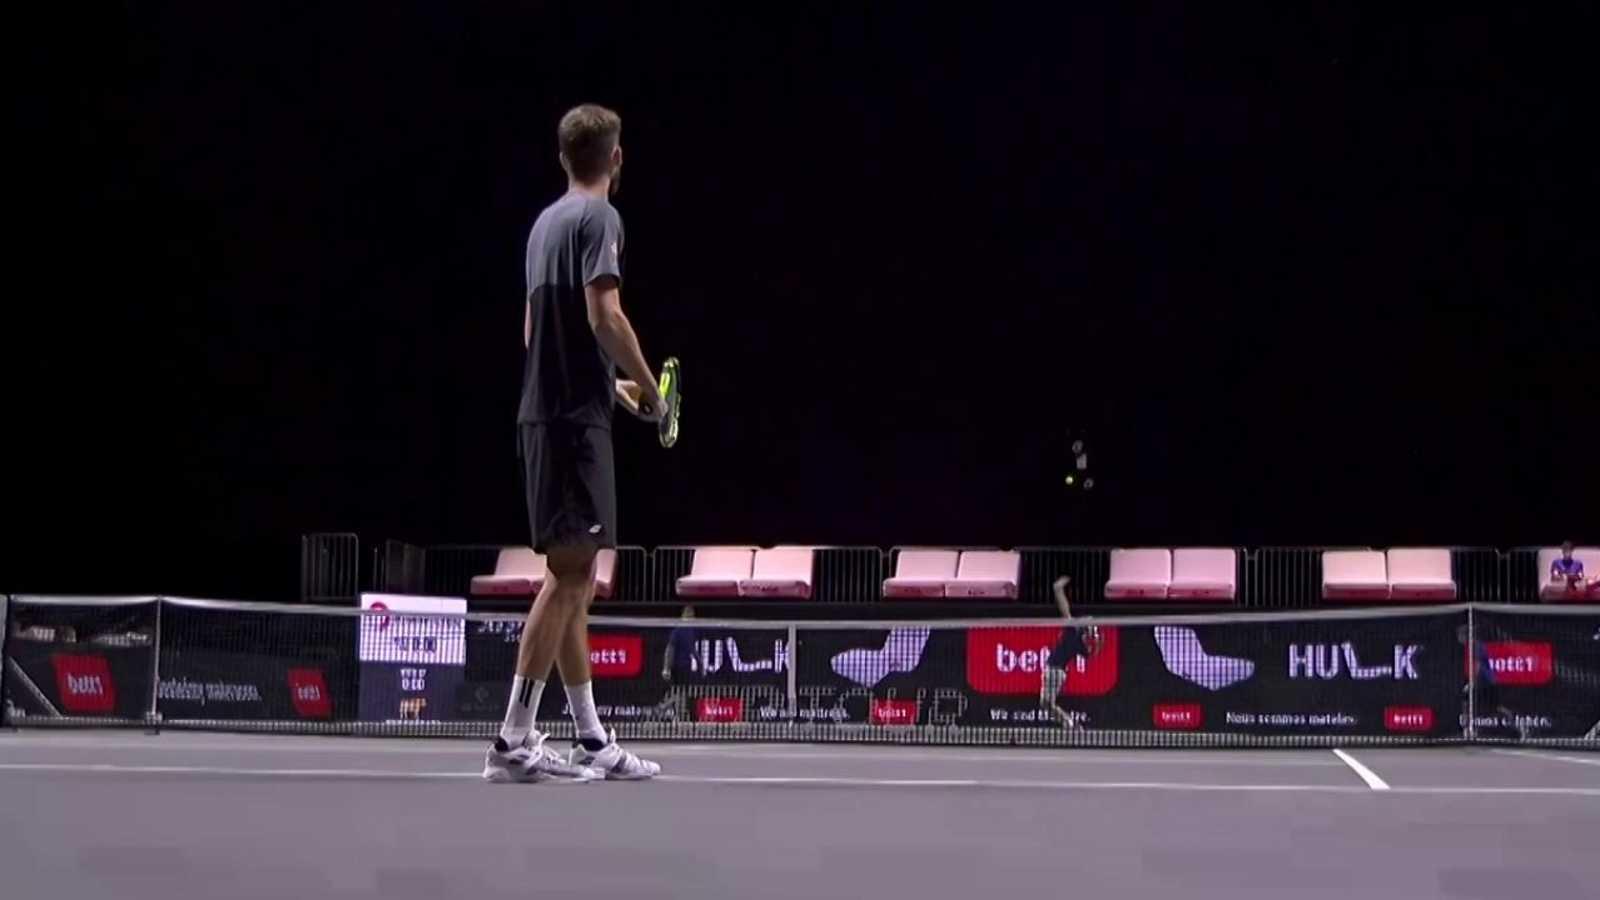 Tenis - ATP 250 Torneo Colonia (II): Oscar Otte - Diego Schwartzman - ver ahora